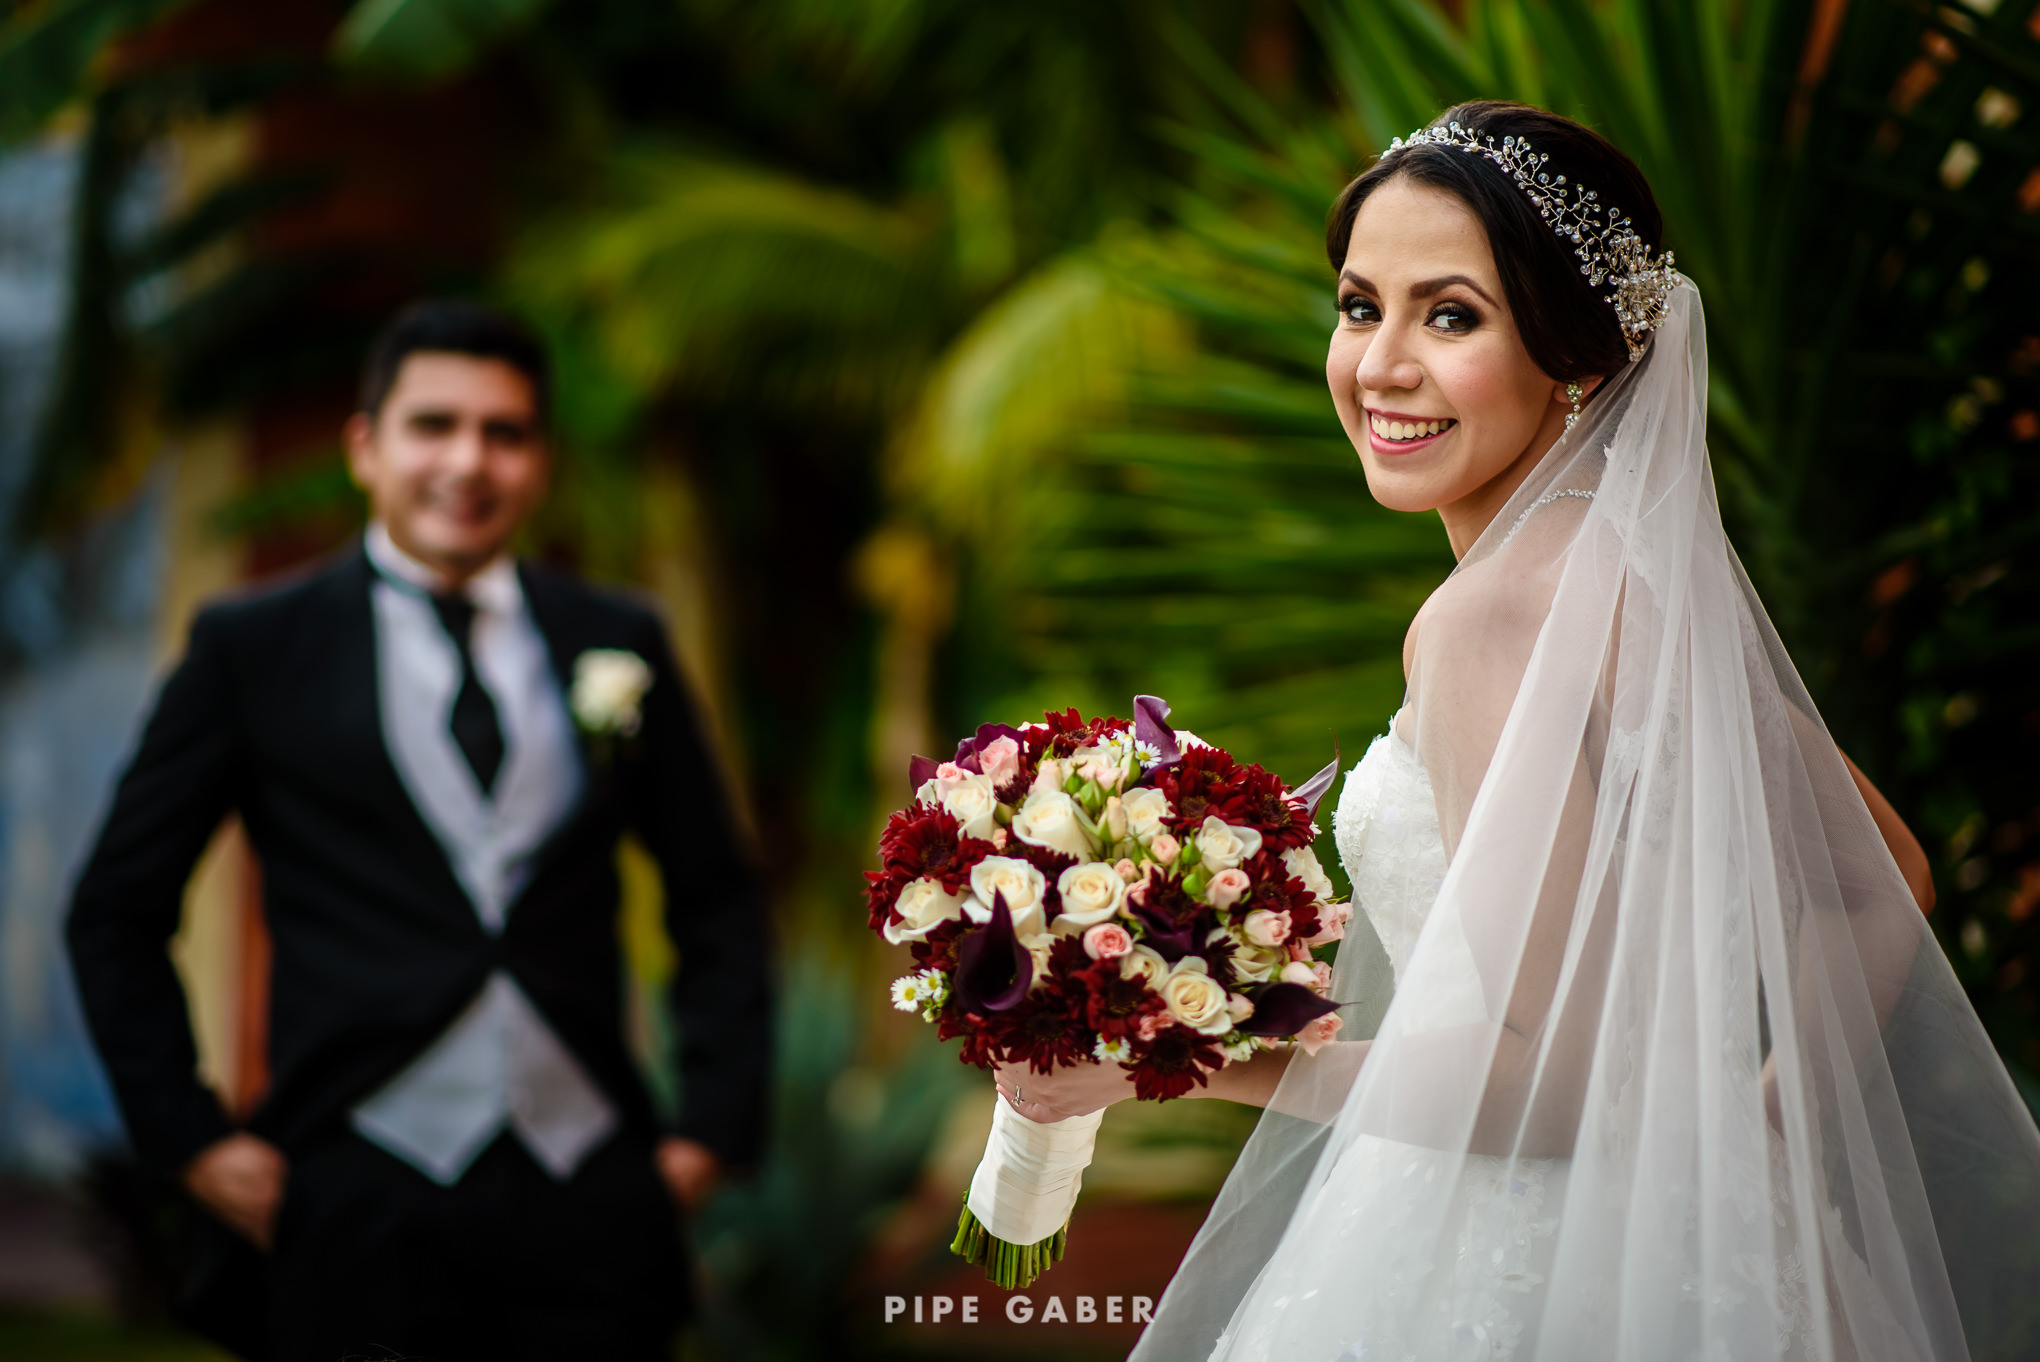 TIPS_FOR_BRIDES_TIPOS_DE_RAMO_03.JPG